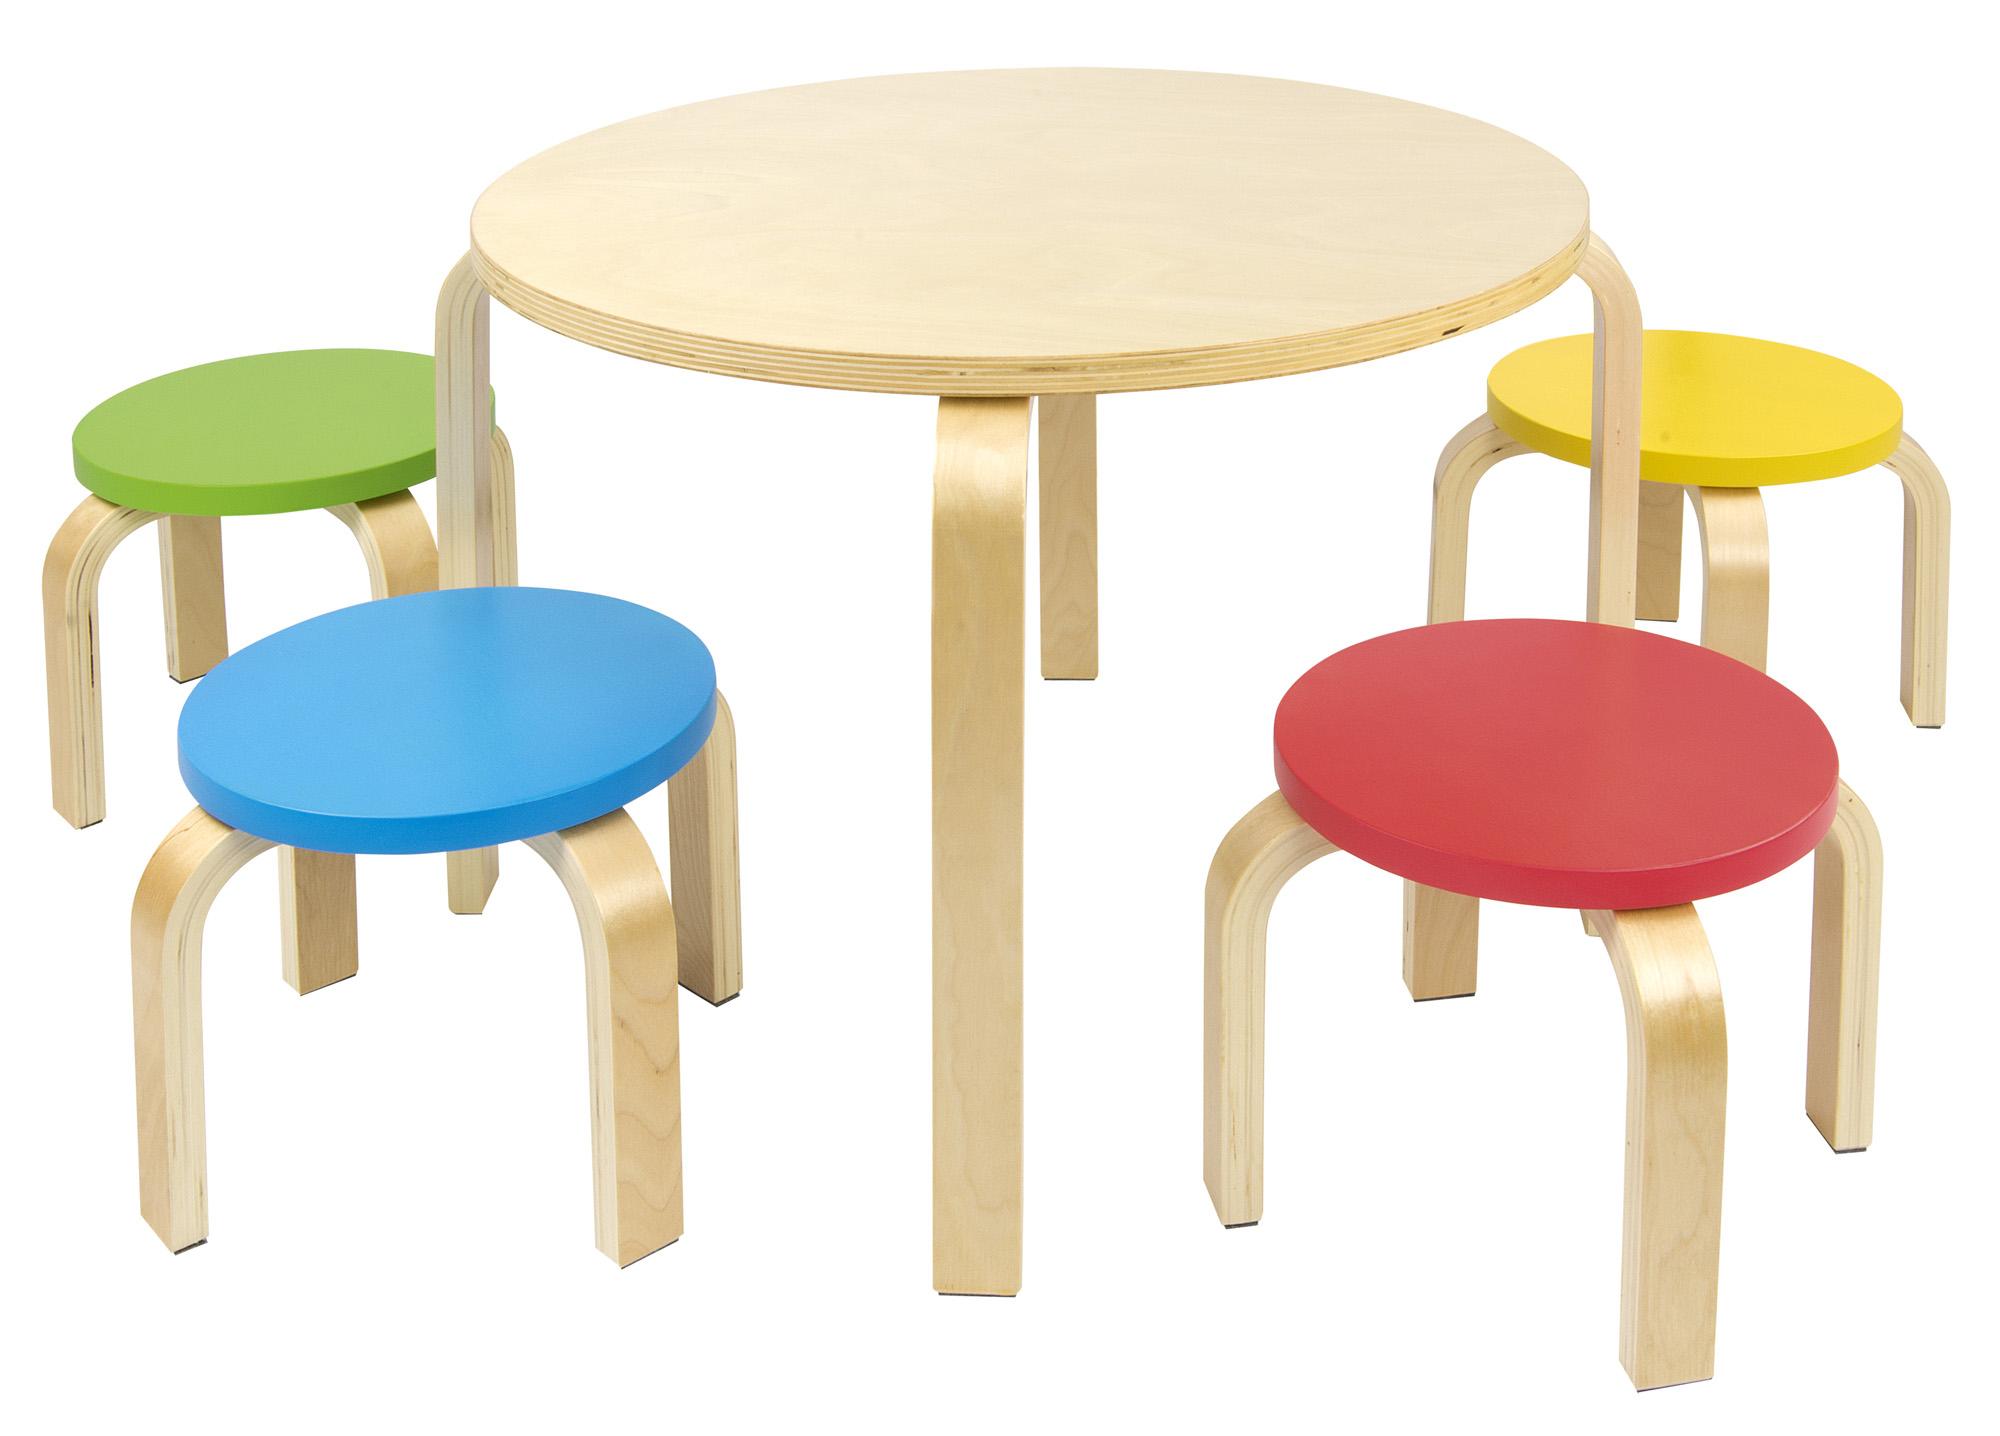 Mesa redonda de madera para ni os m s 4 sillas de colores for Sillas para armar y recortar